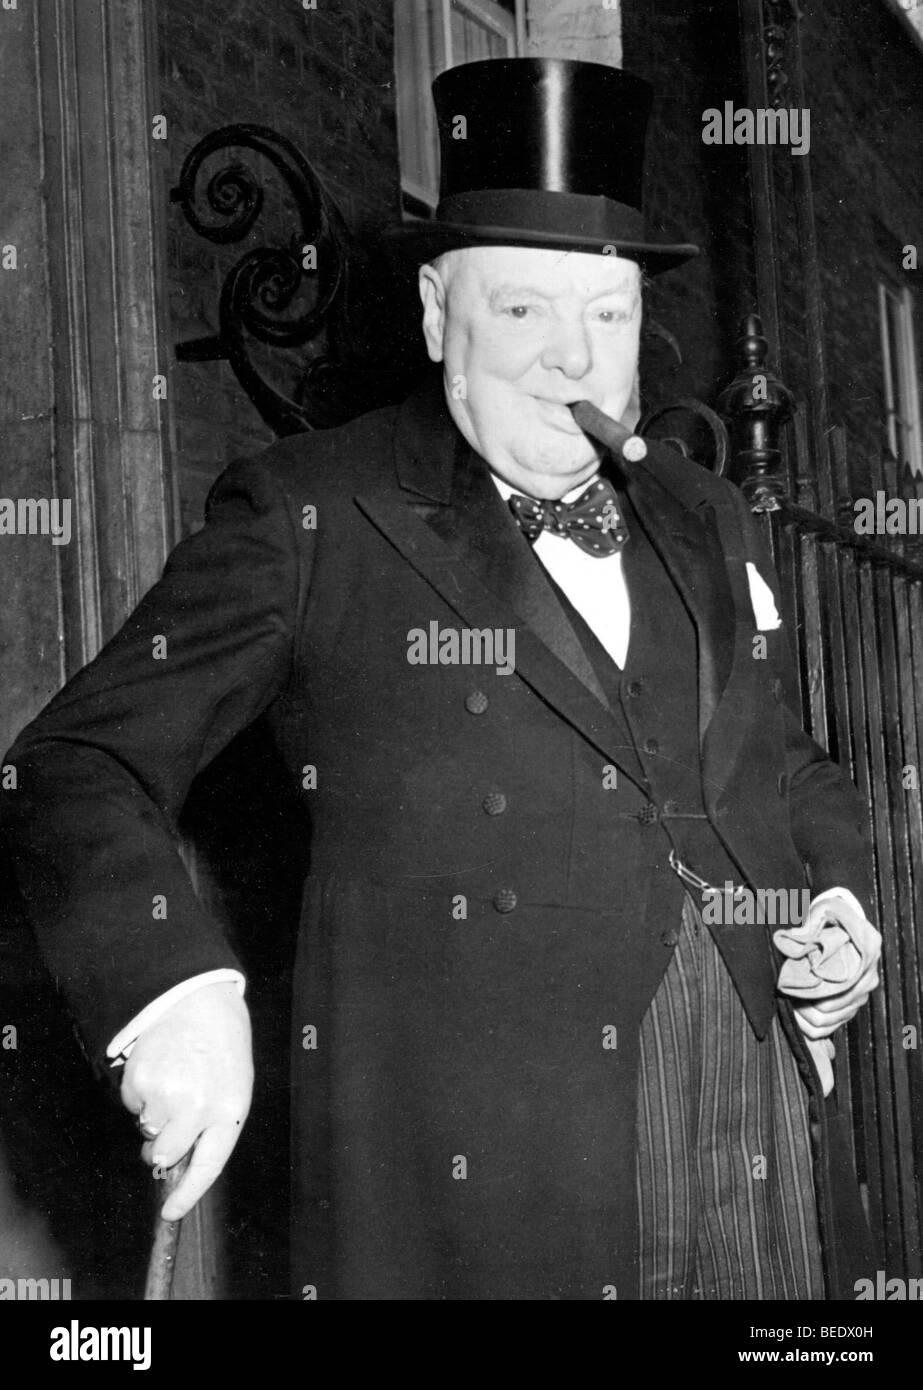 1000166 (900324) Sir Winston CHURCHILL, Englischer Politiker (Premierminister) Portrait mit seiner beruehmten Zigarre - Stock Image